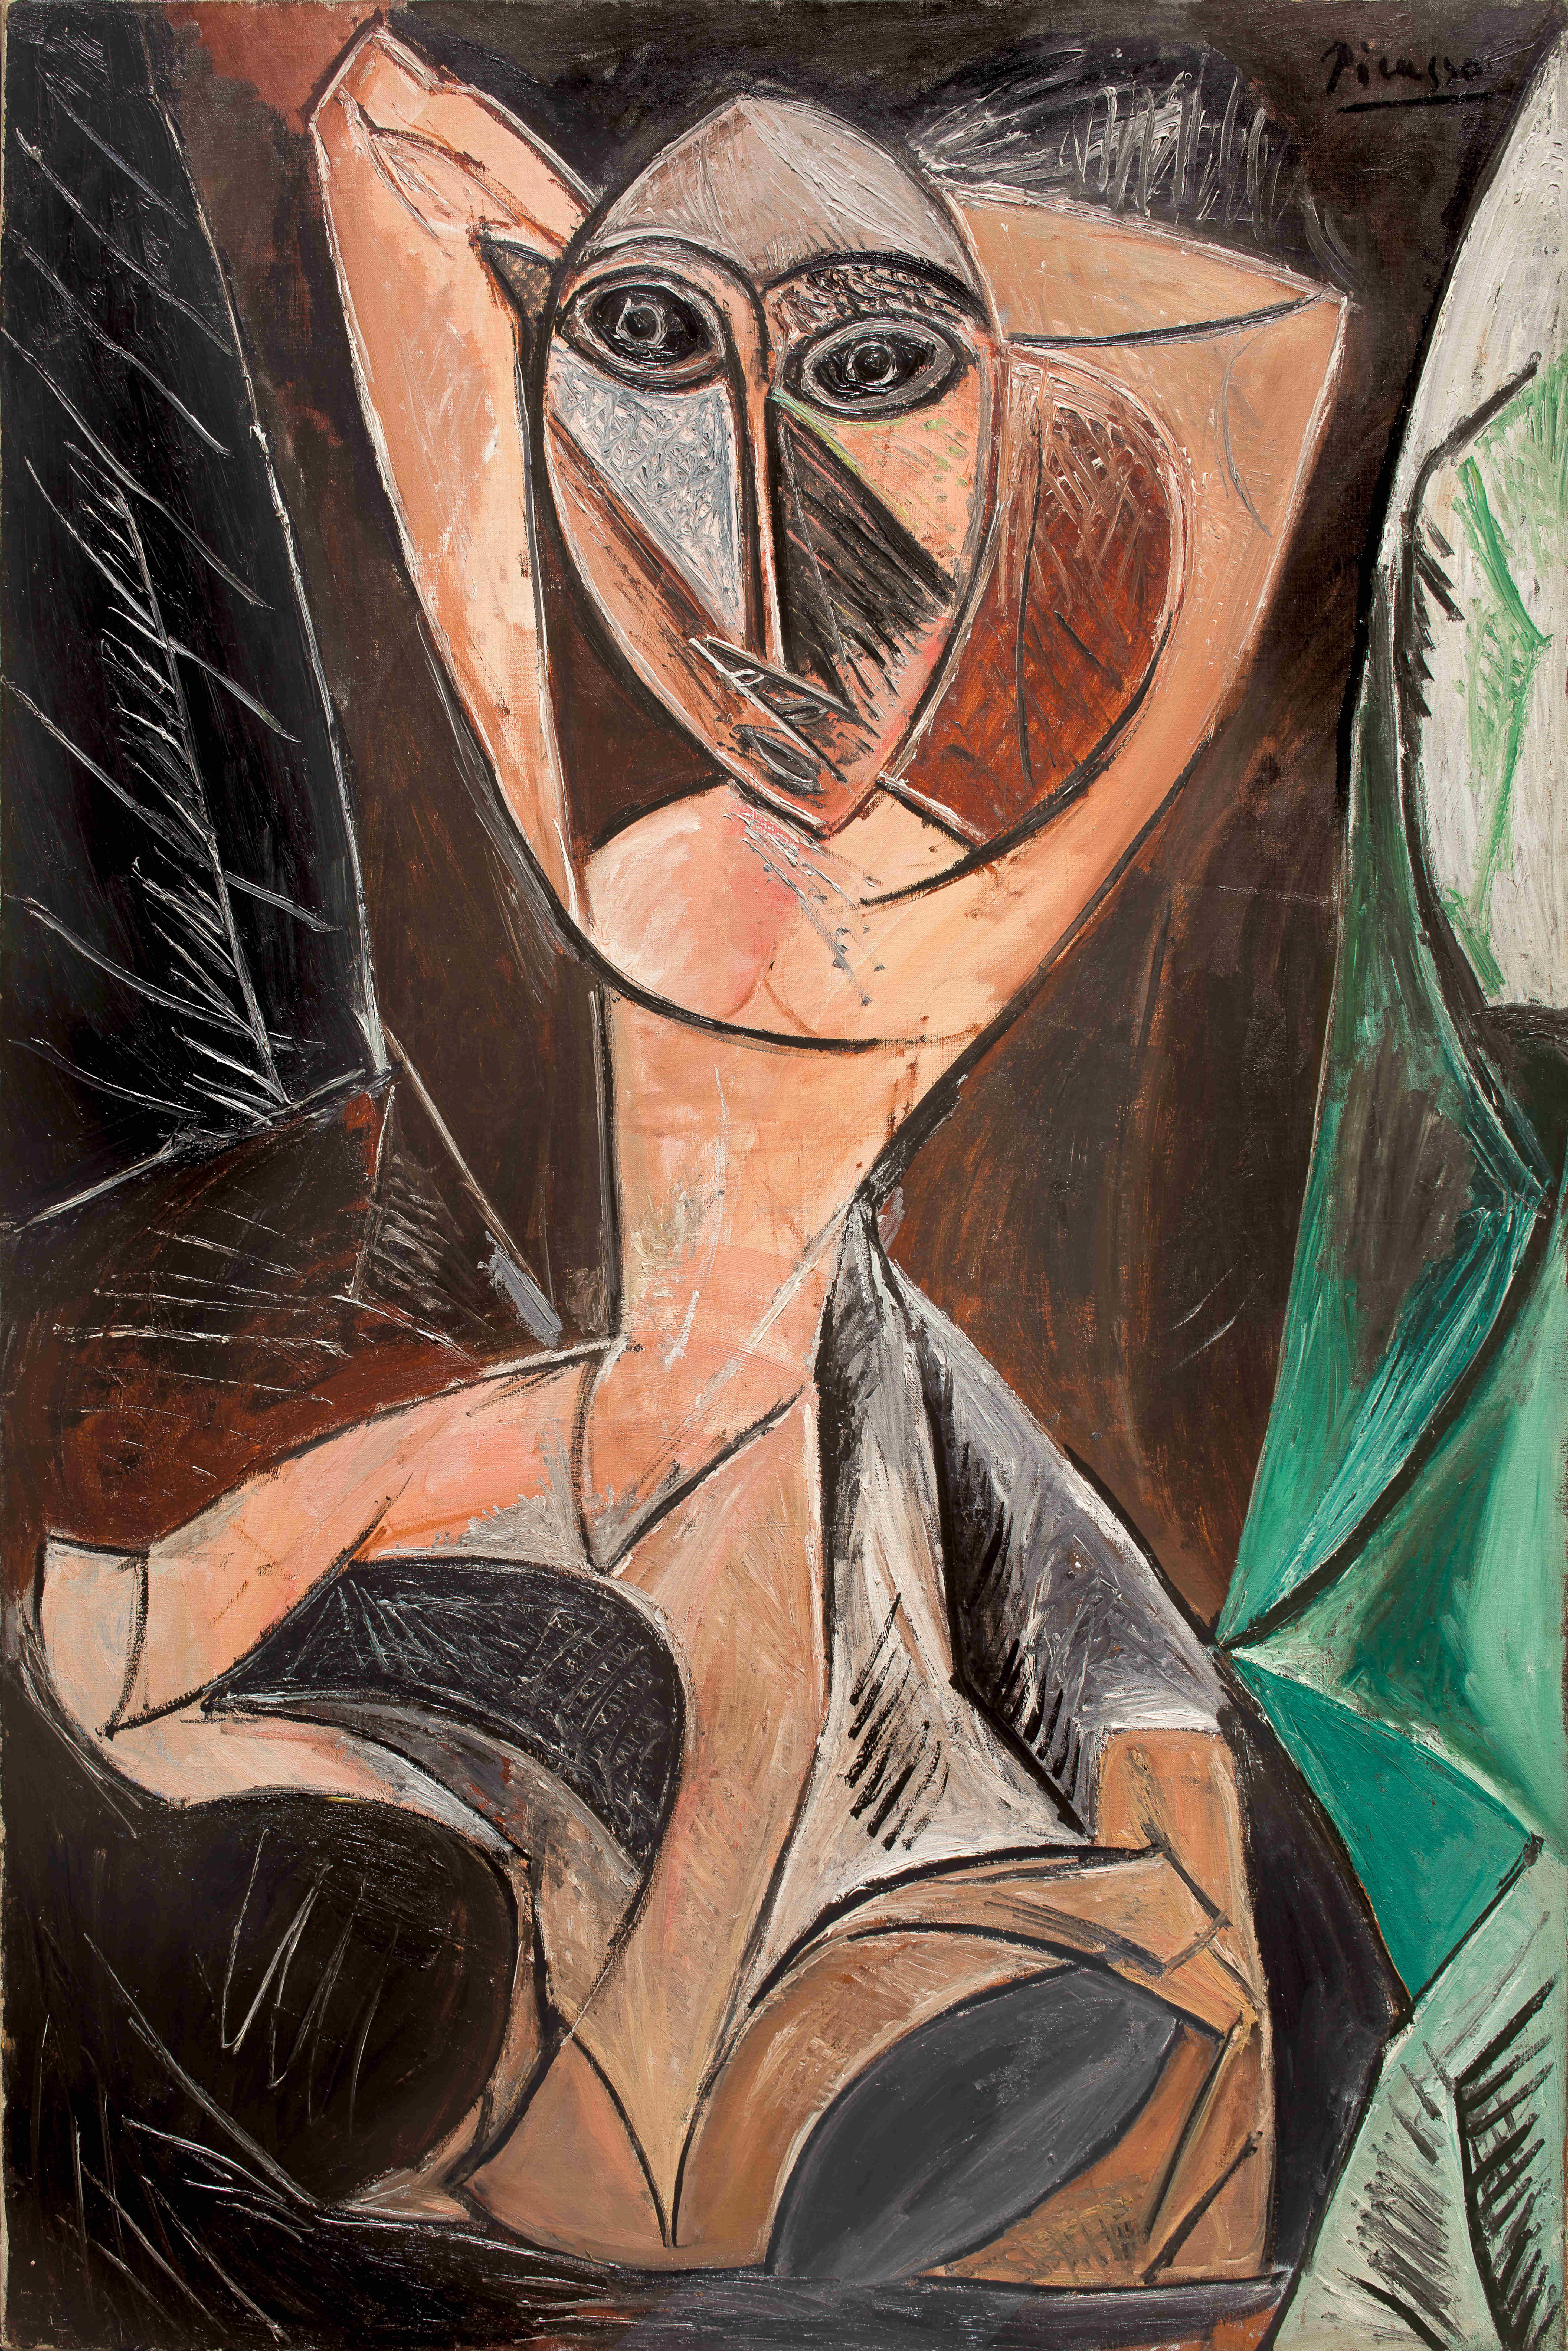 Picasso Pablo, Femme Nue aux Bras Leves